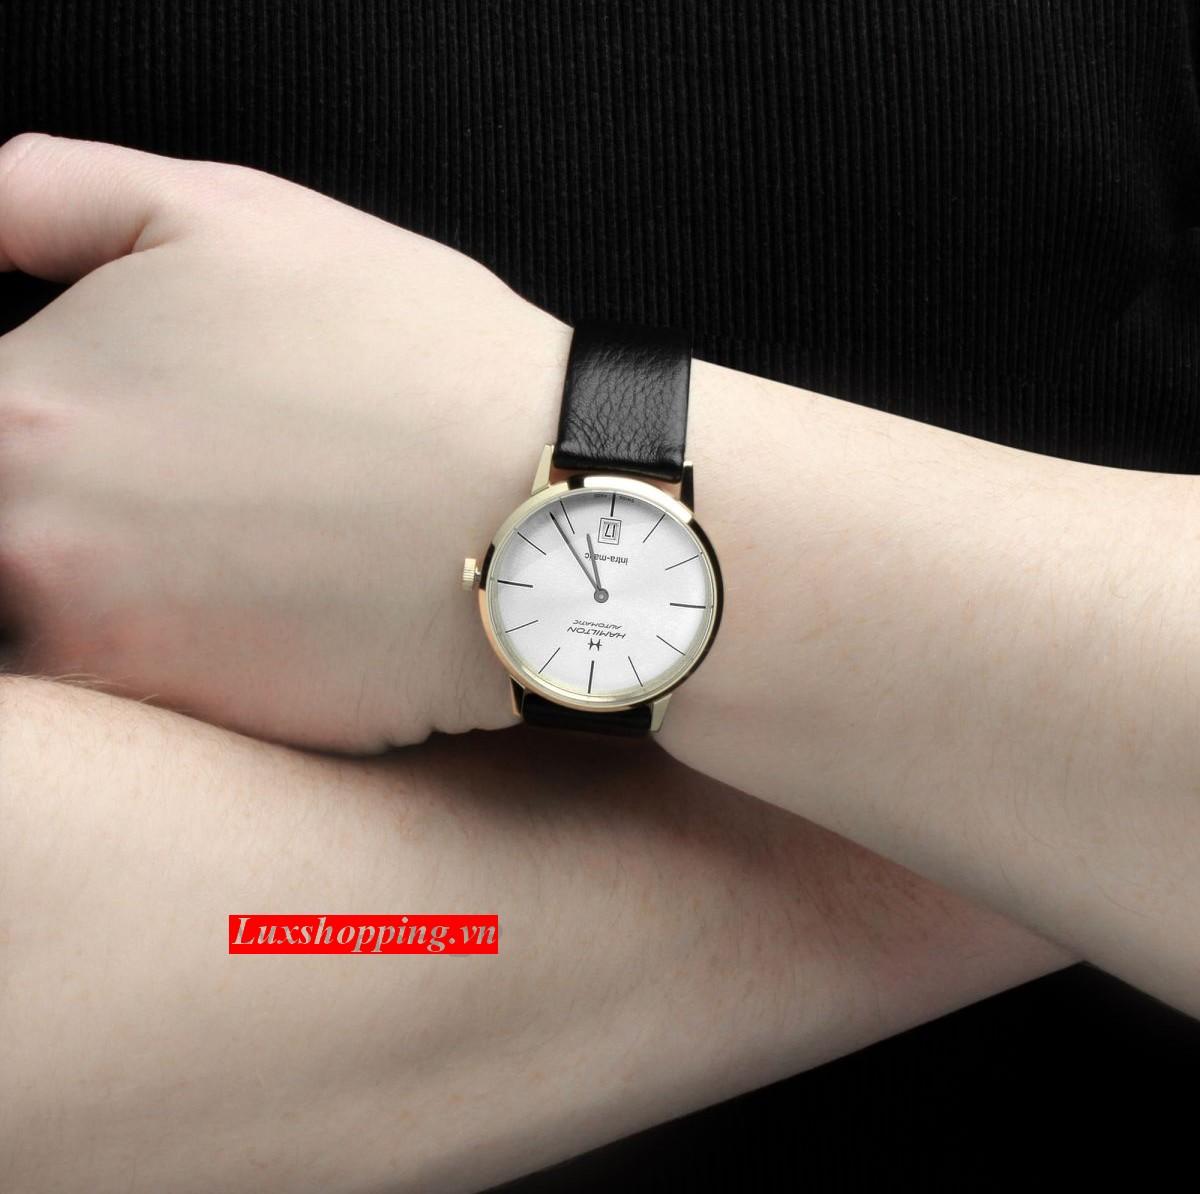 Lịch sử thương hiệu đồng hồ Hamilton - Công nghệ Mỹ chất lượng Thụy Sỹ